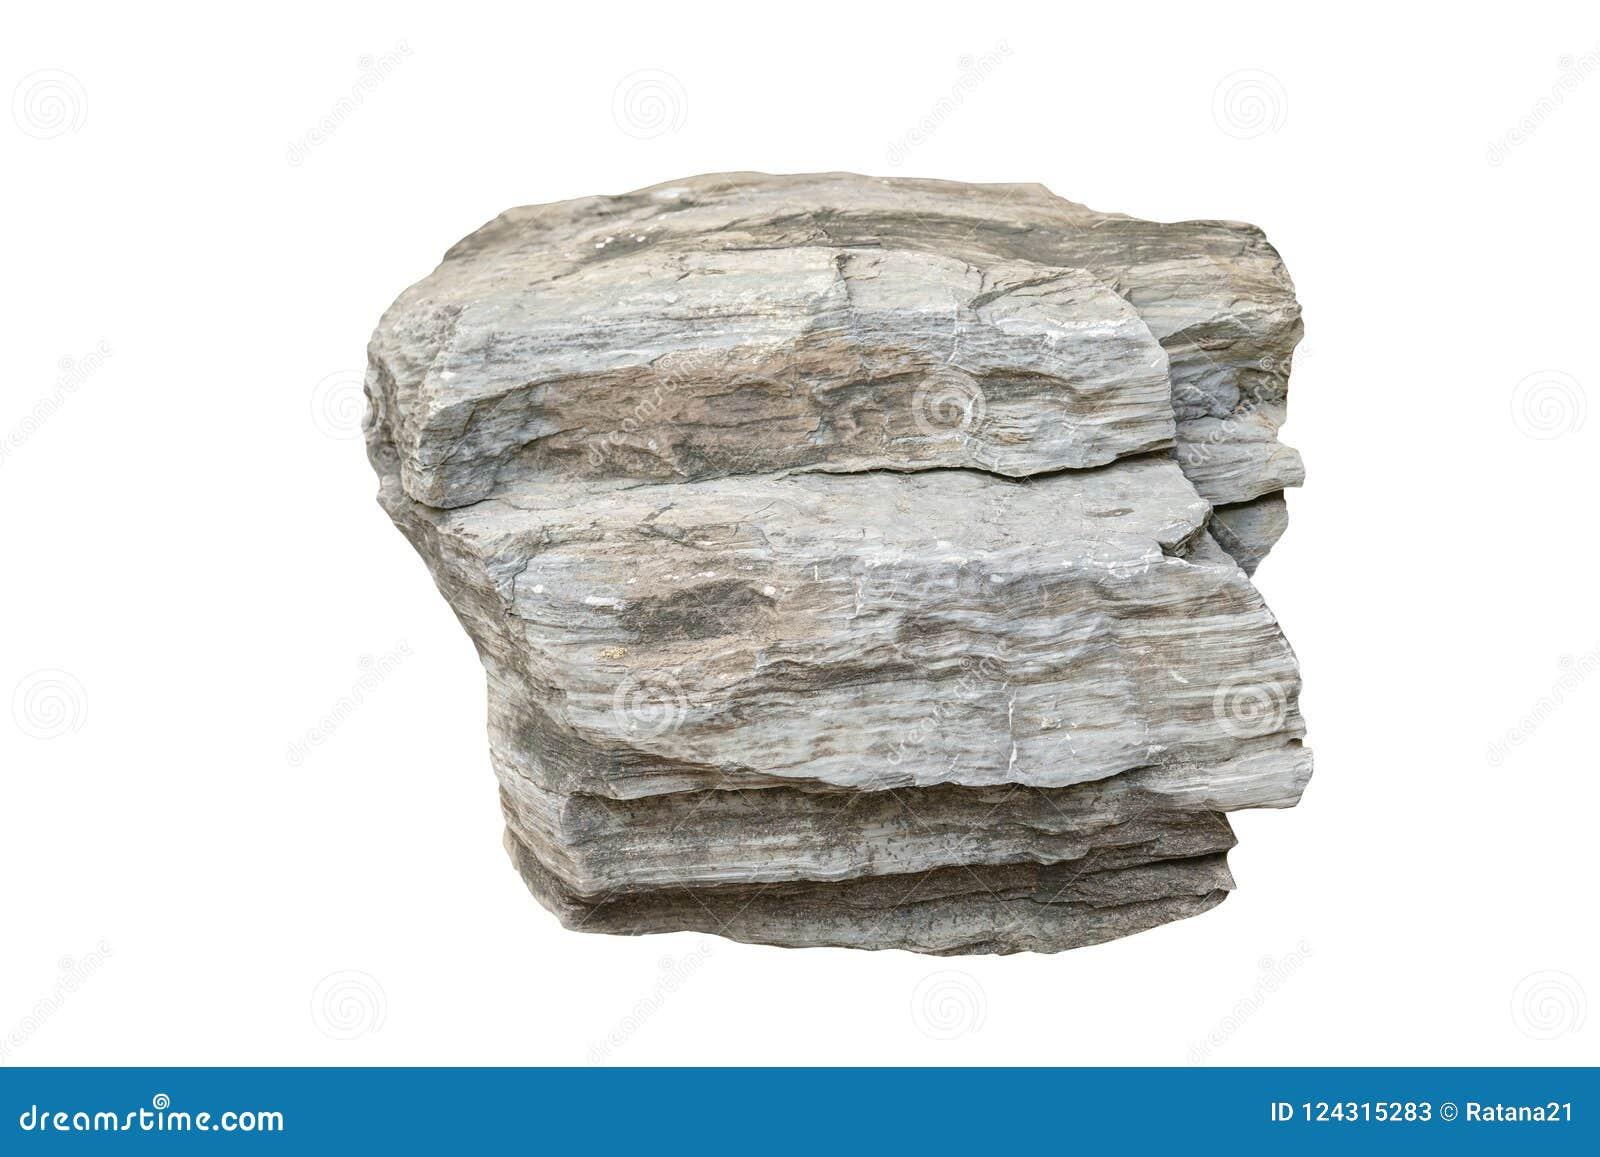 Big Stone Isolated On White Background Stock Image Image